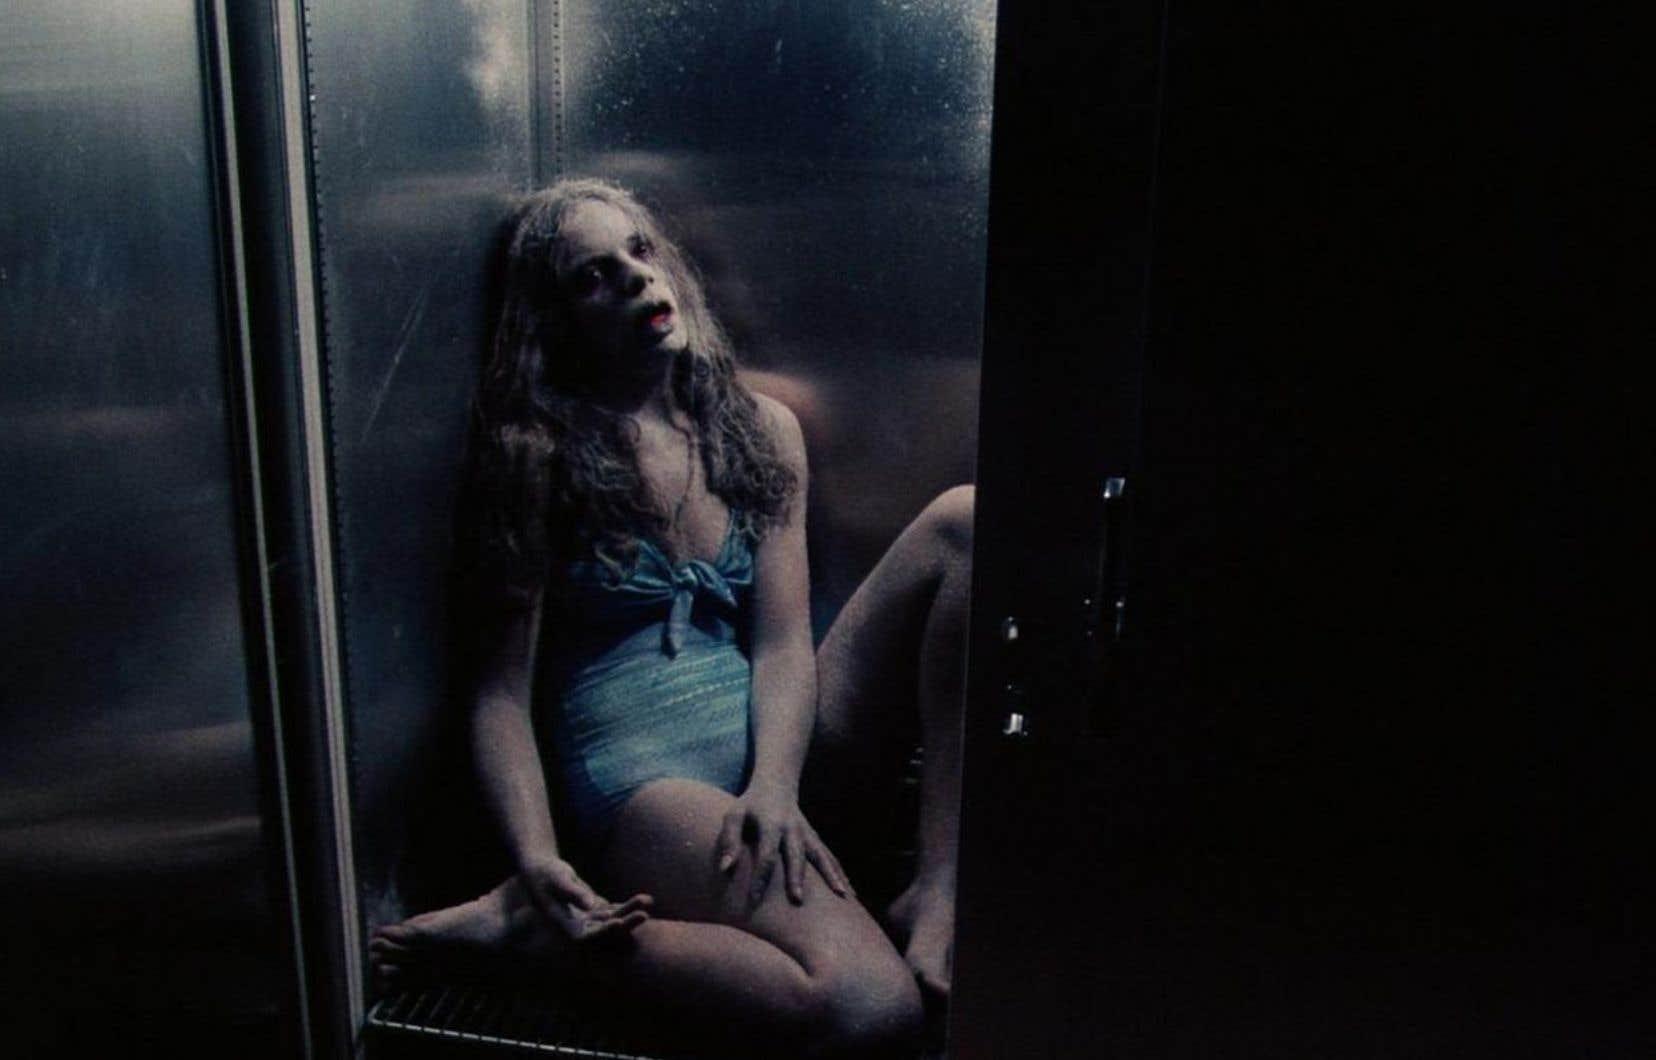 Dans Rage (Rabid), de David Cronenberg, c'est une expérimentation génétique qui déclenche l'hécatombe.